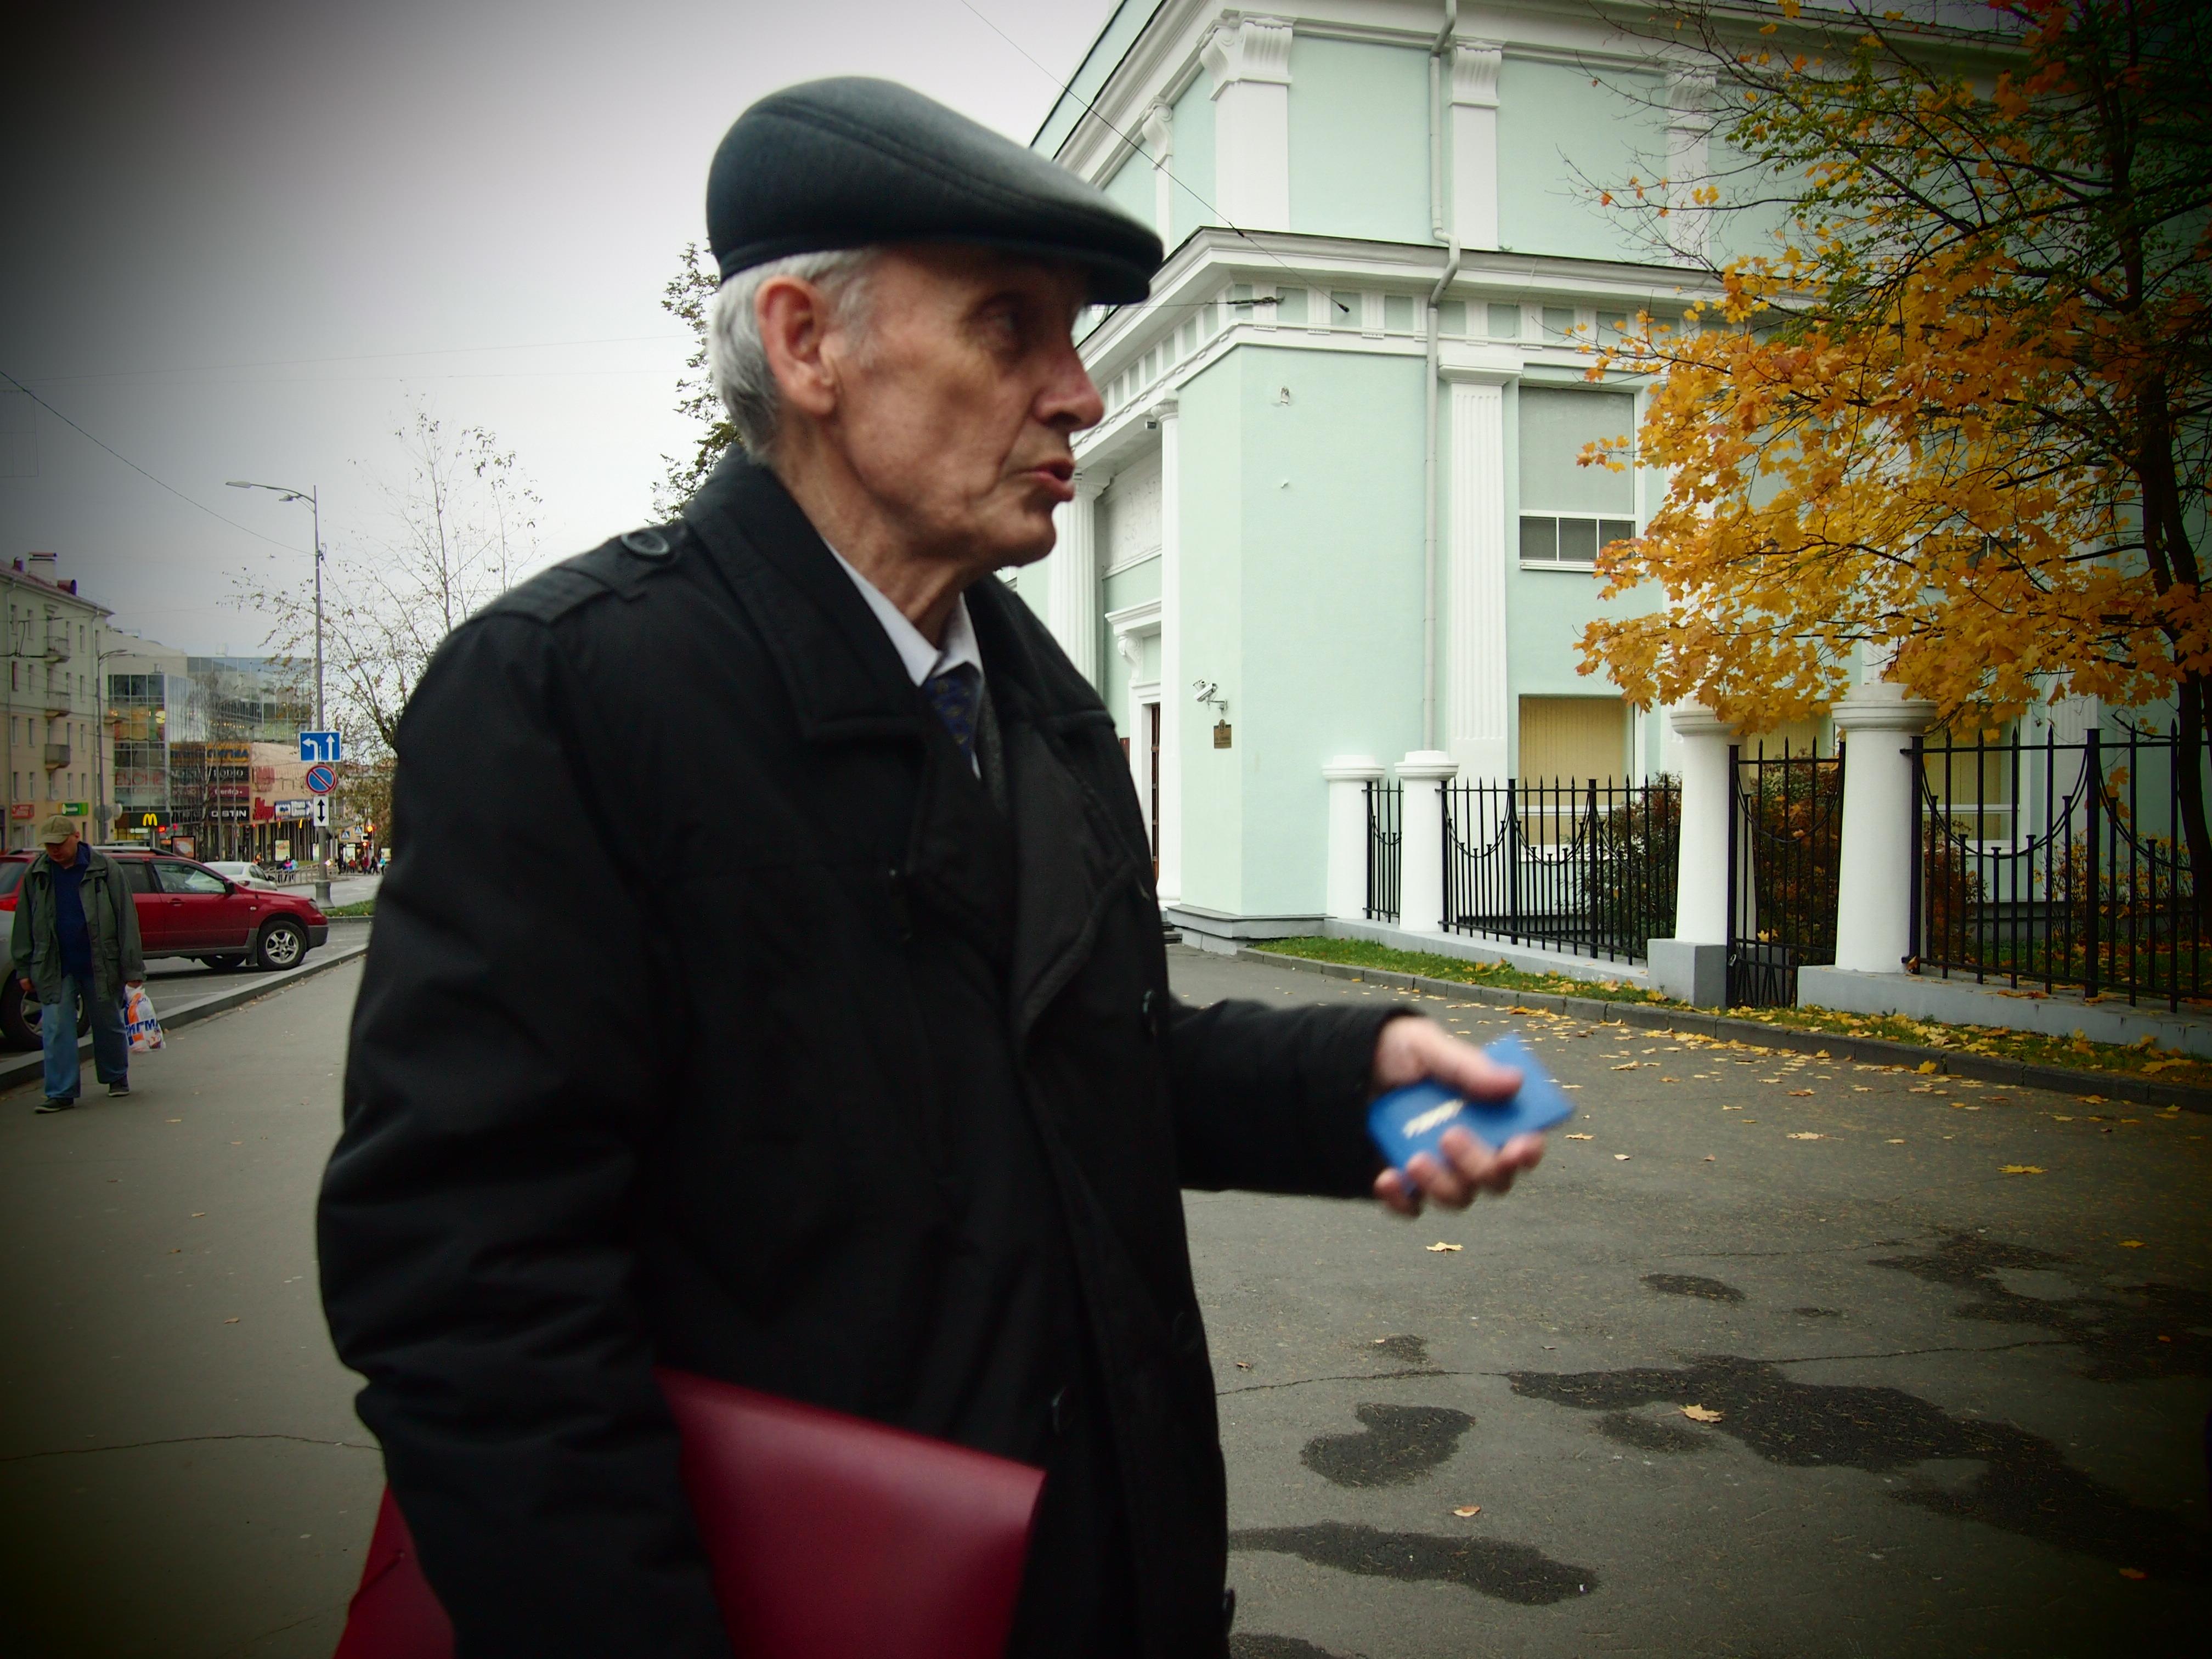 Григорьев стоял у истоков Совета карелов, вепсов и финнов. Фото: Валерий Поташов